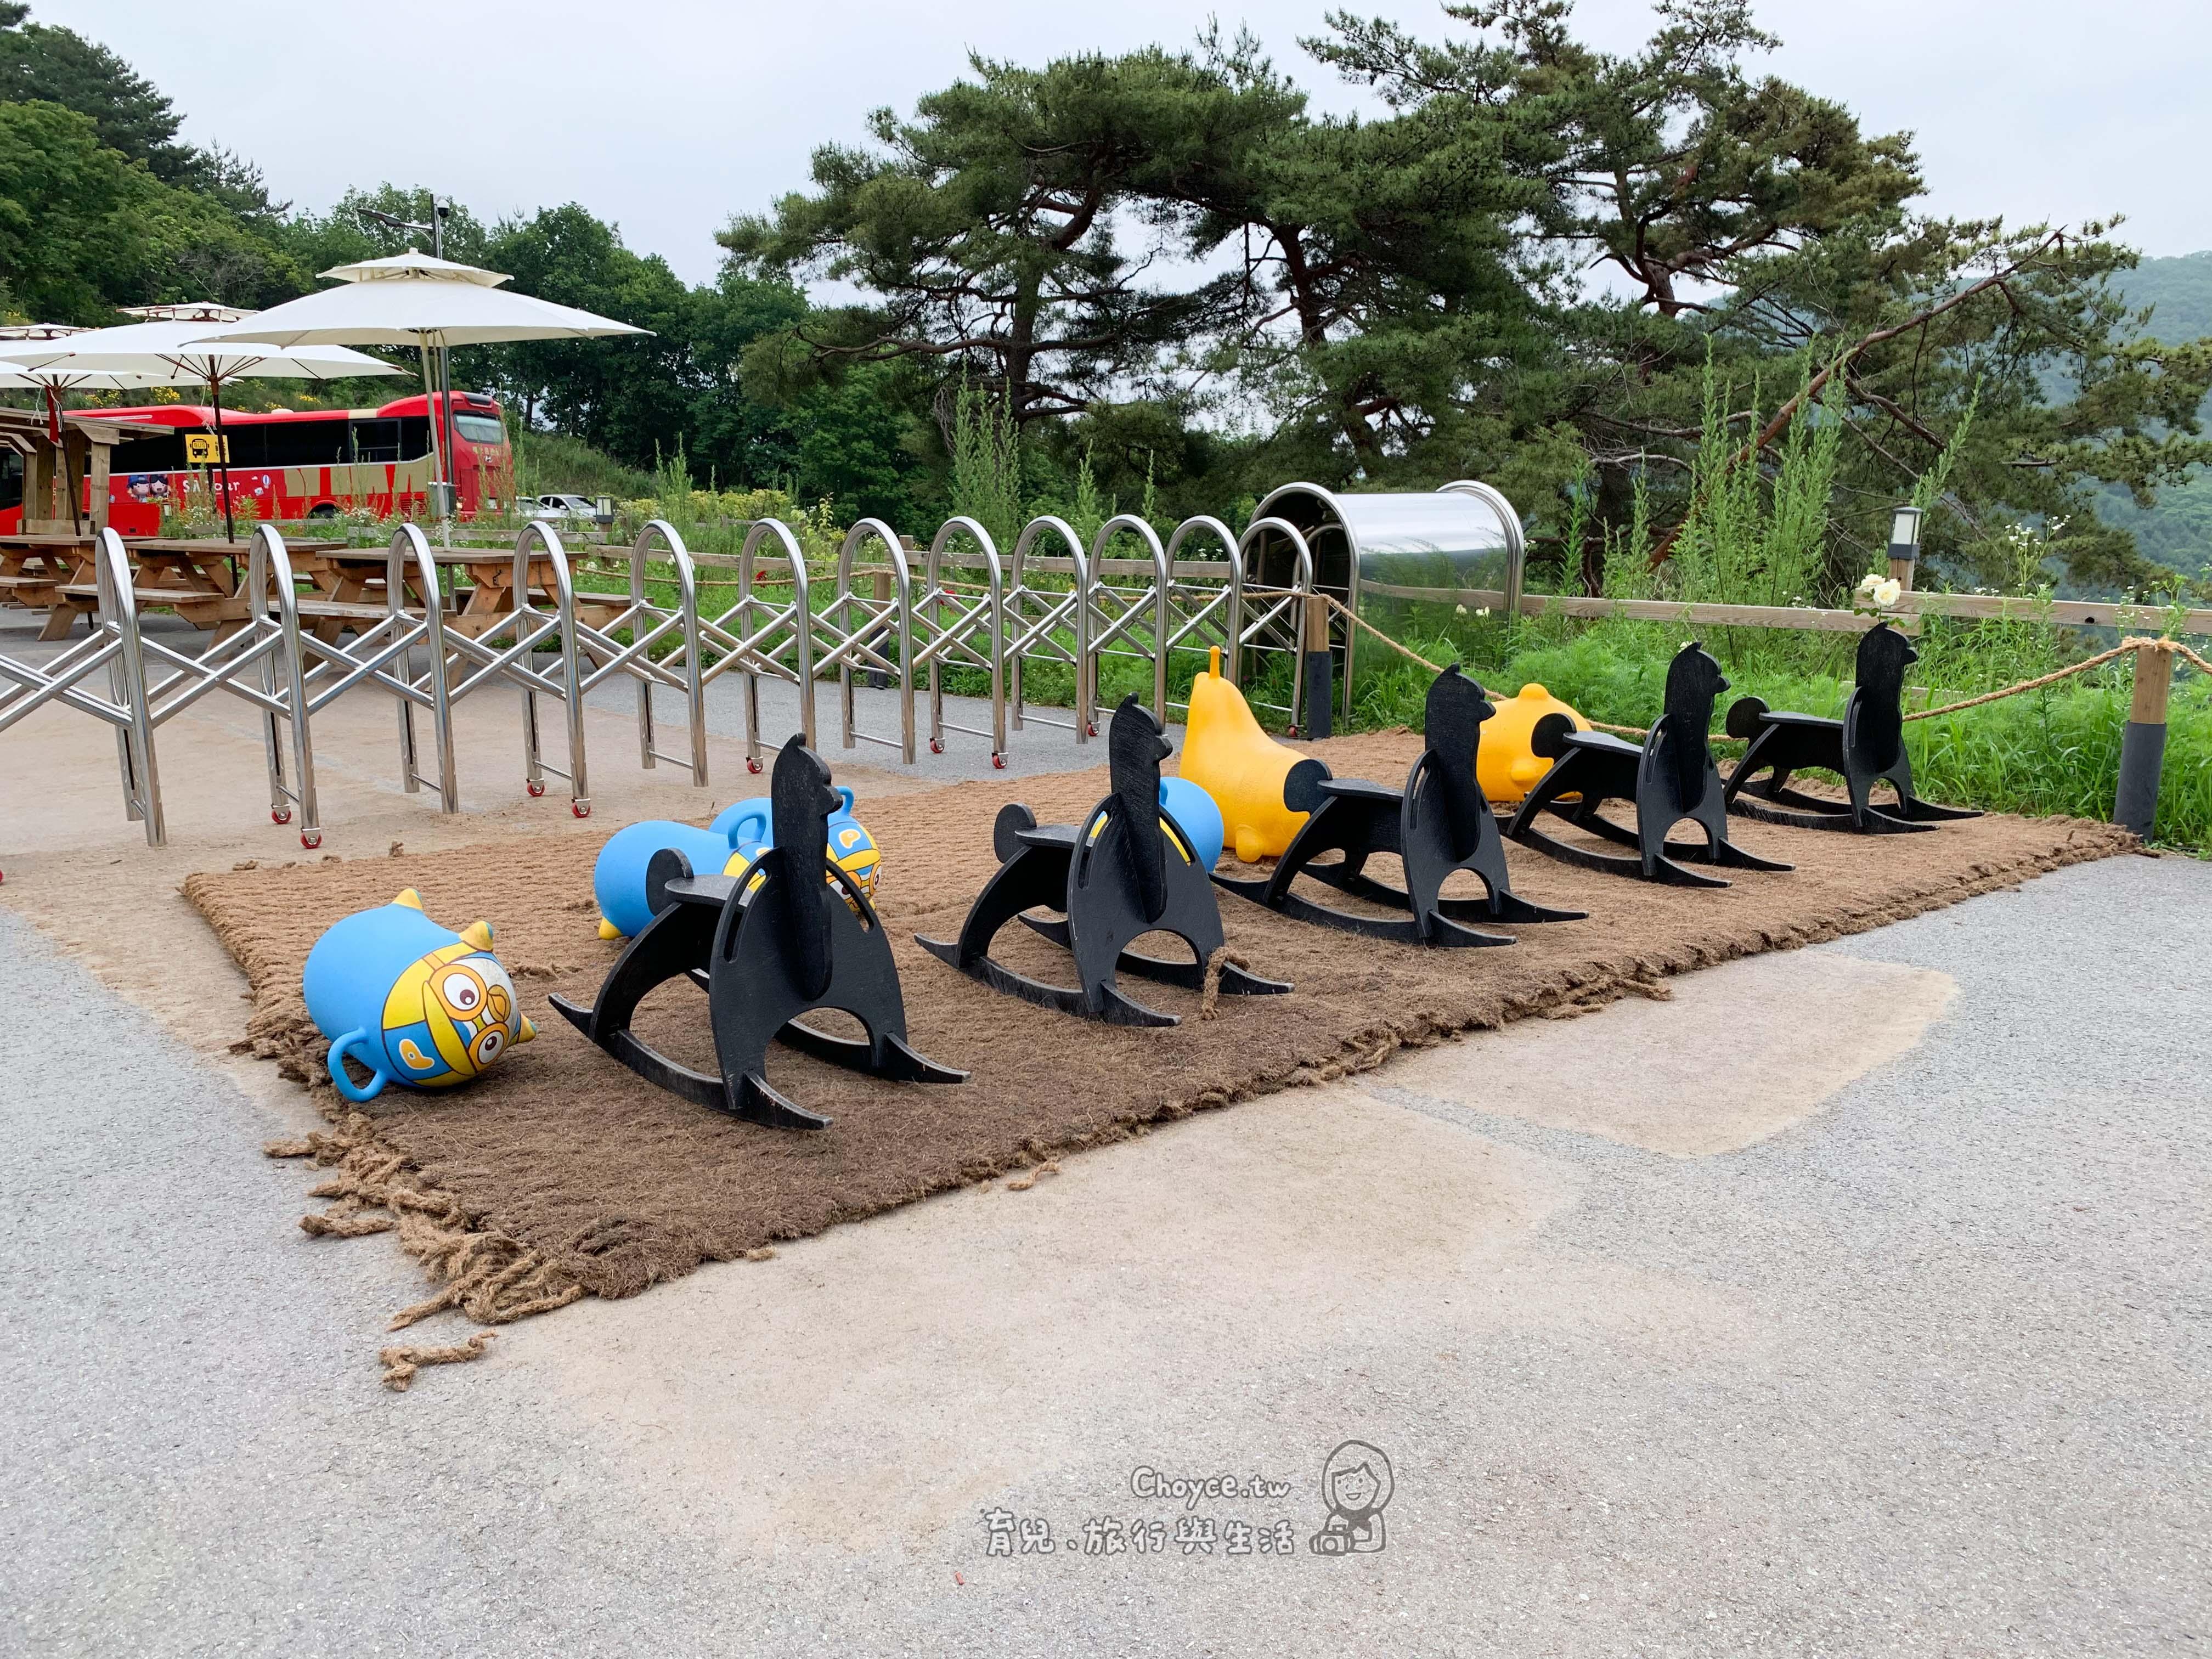 首爾|親子自助行 拜訪萌物教主草泥馬牧場 牽著草泥馬散步 老少咸宜的體驗